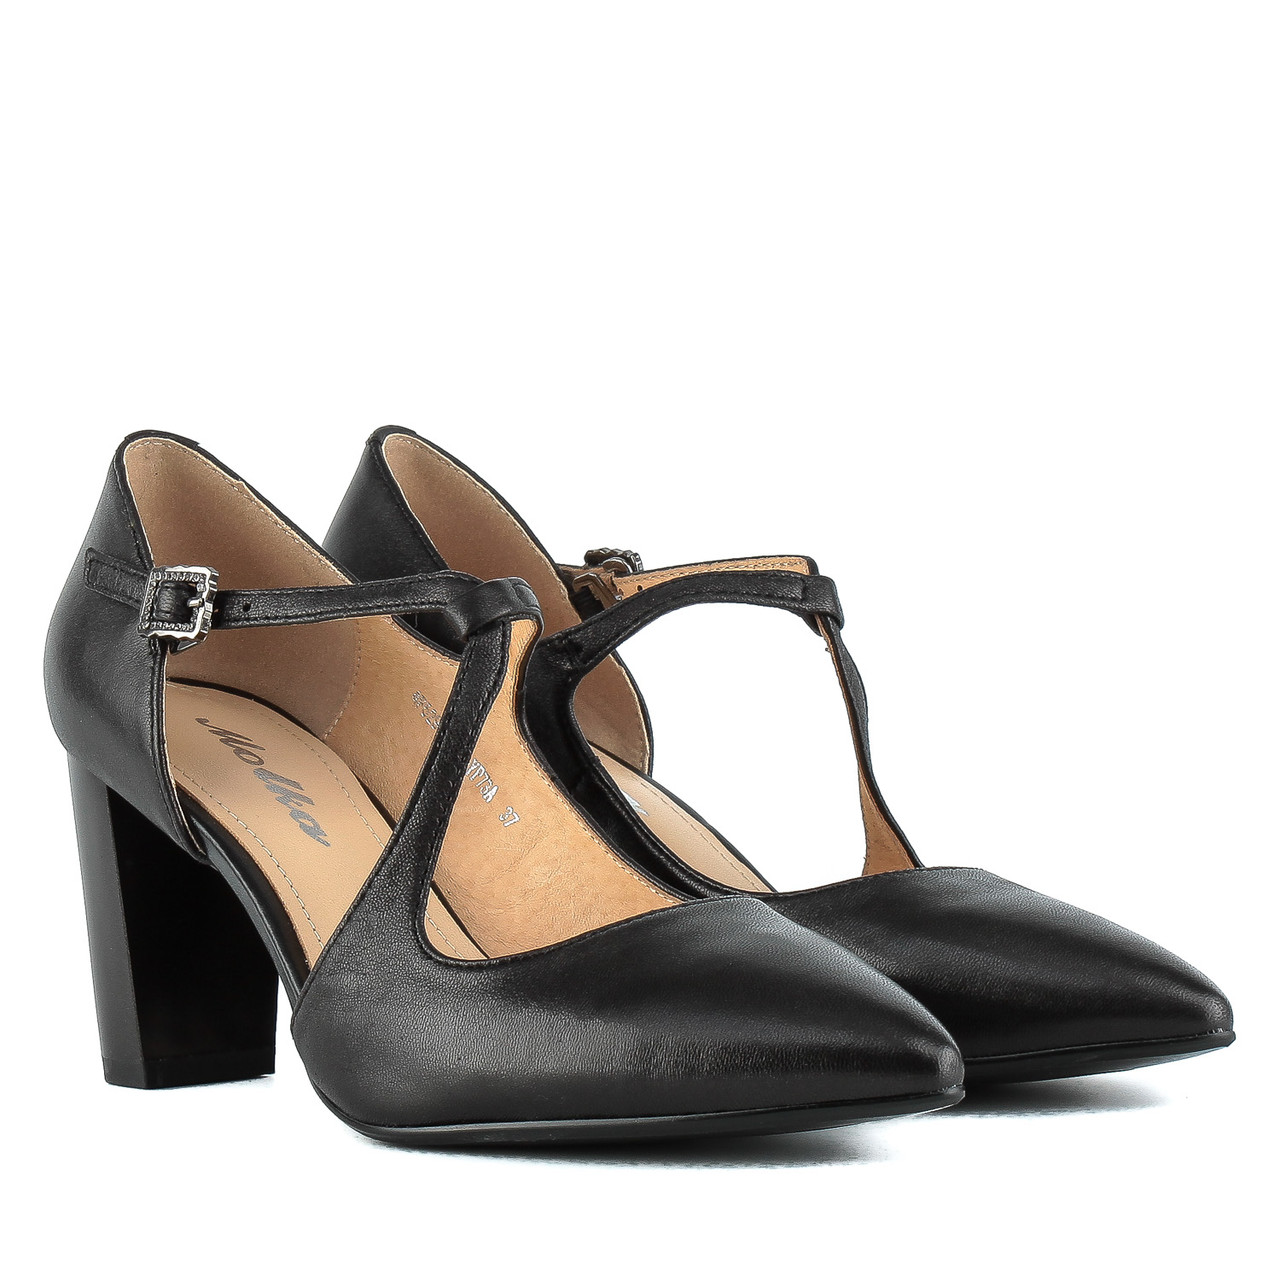 Туфли женские MOLKA (кожаные, черные, элегантные, на устойчивом каблуке)